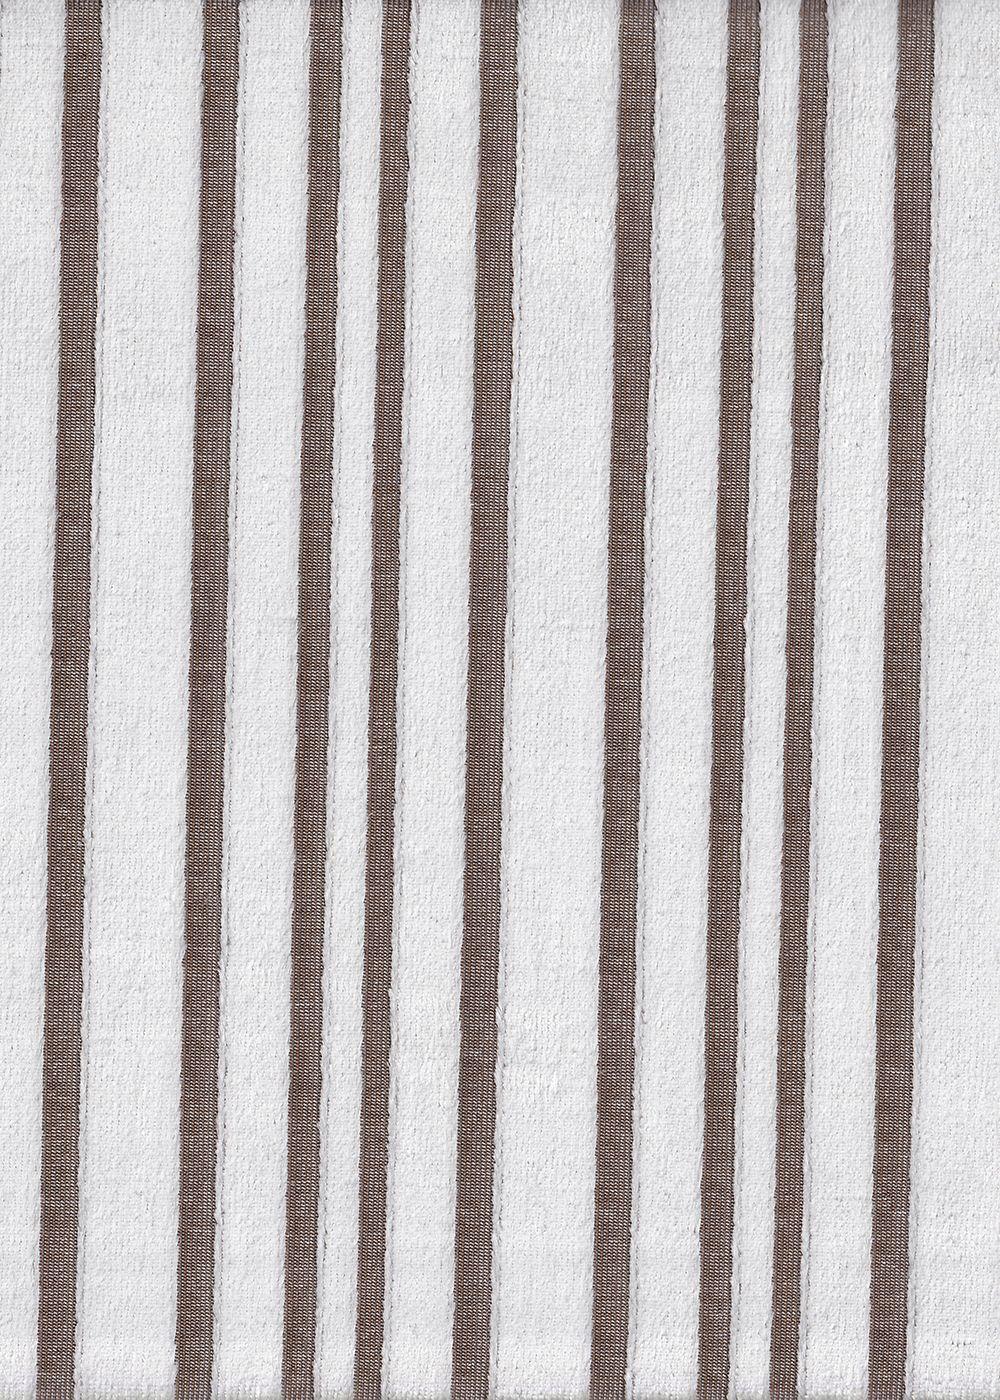 Möbelstoff Aristo C Zusammensetzung 100 Polyester Gewicht 800 Gm